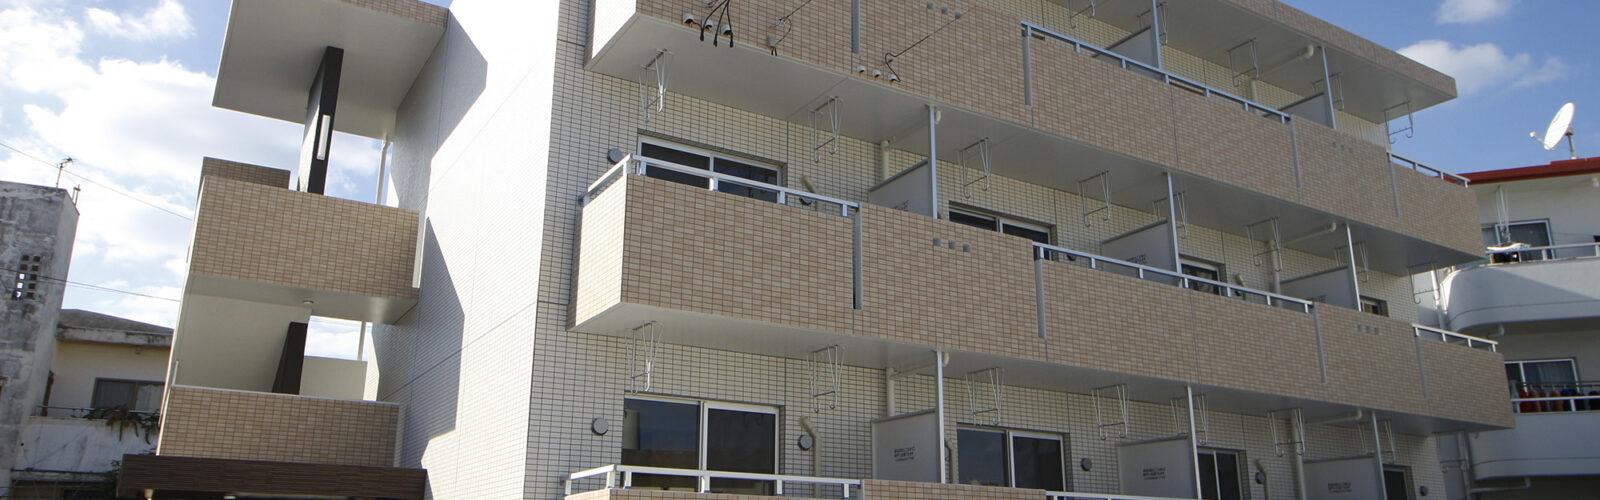 快適な住空間と万全な設備。近隣にない全室1Kで1人暮らしのニーズを掴んだ賃貸アパート